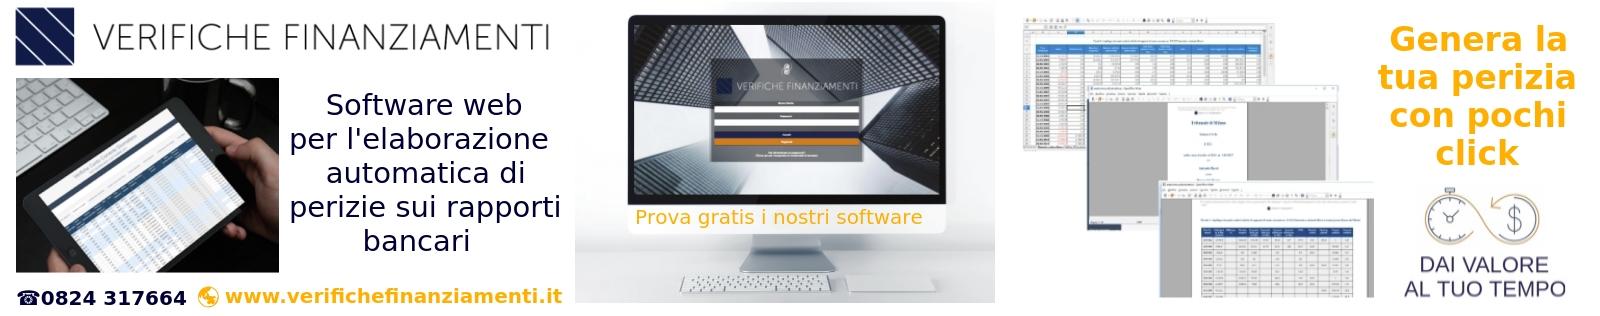 piattaforma software verifiche finanziamenti